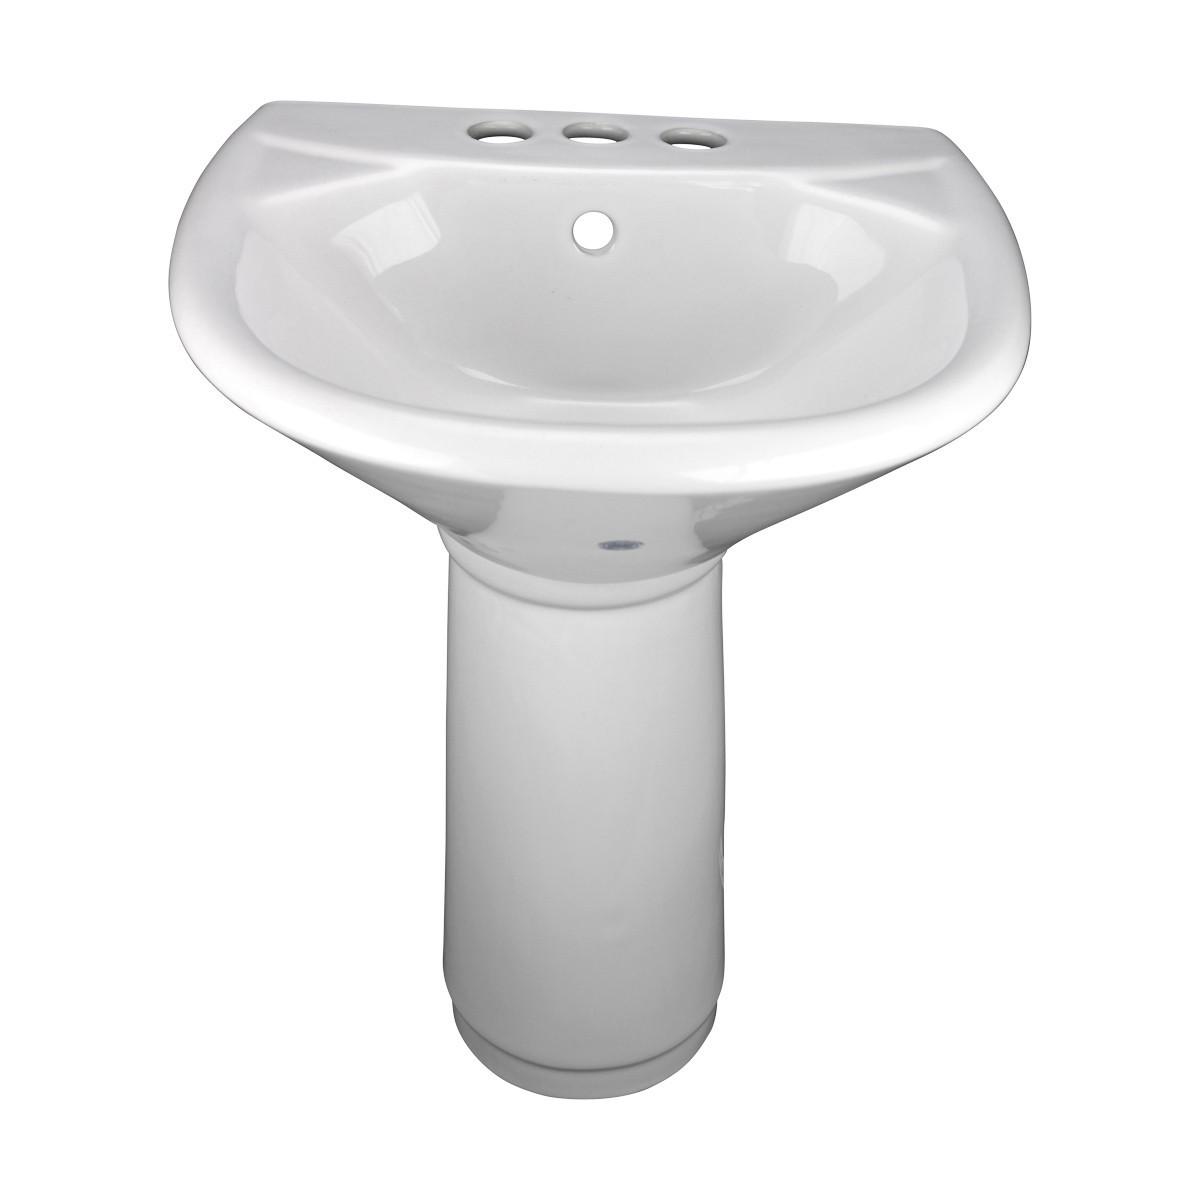 Mini pedestal bathroom sinks